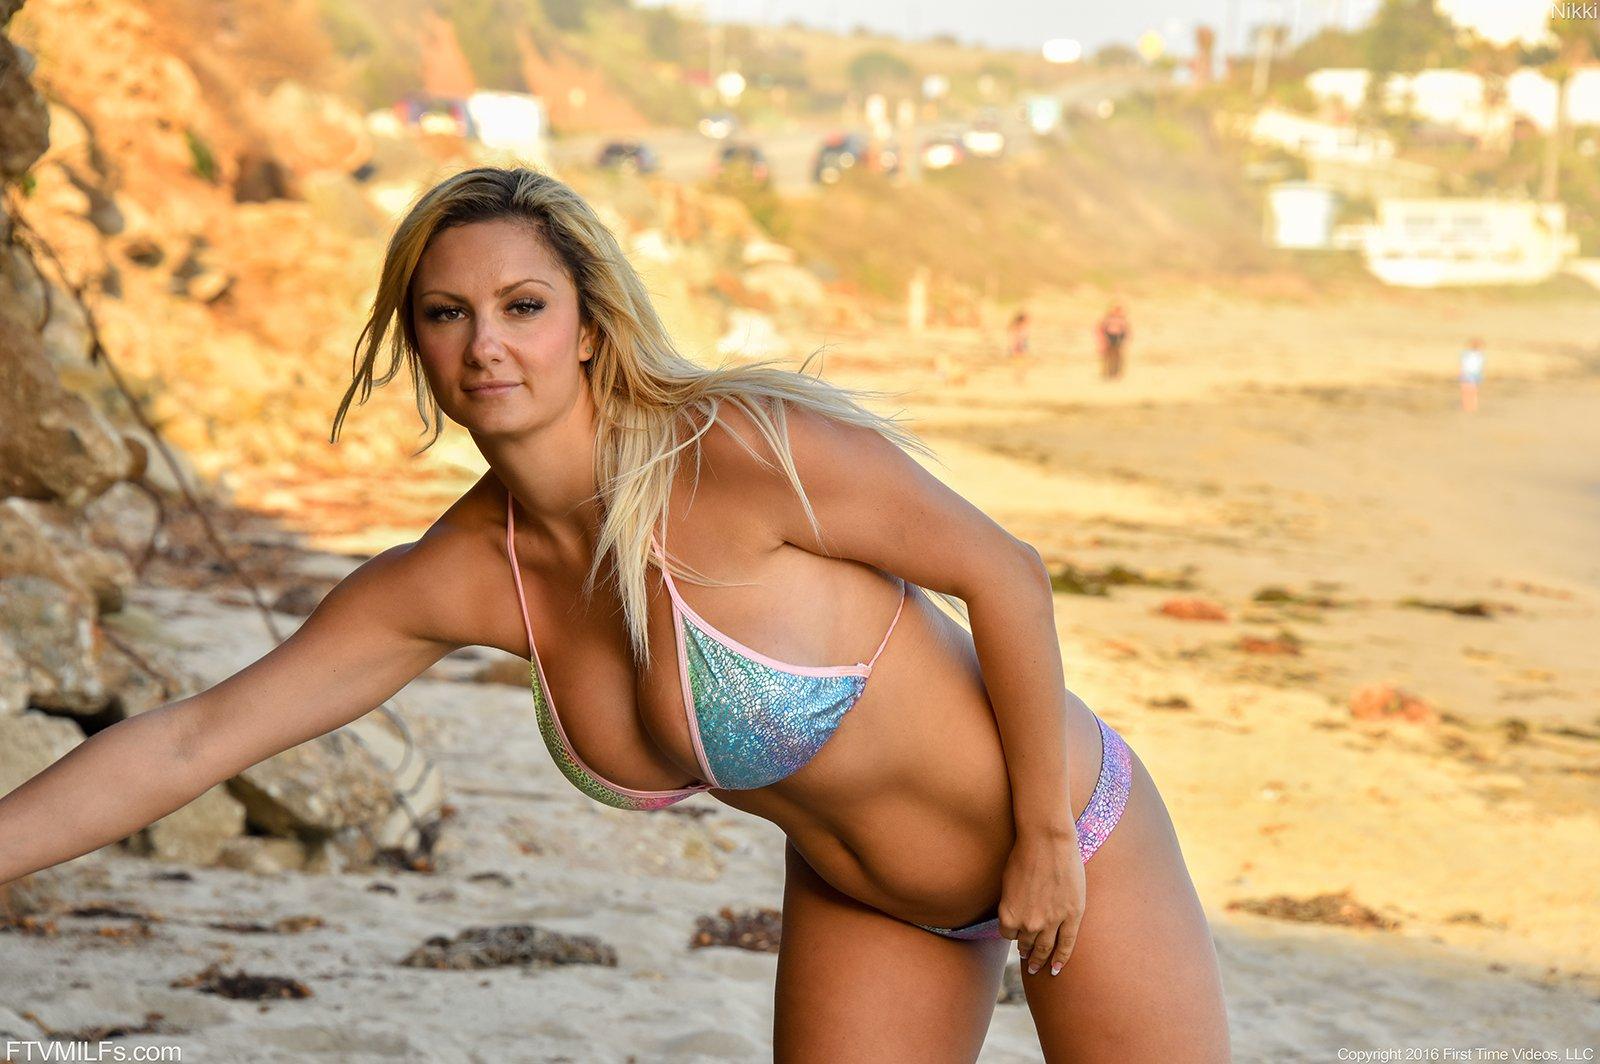 Best Blonde Exhibitionist Nude Outdoor Posing Photos